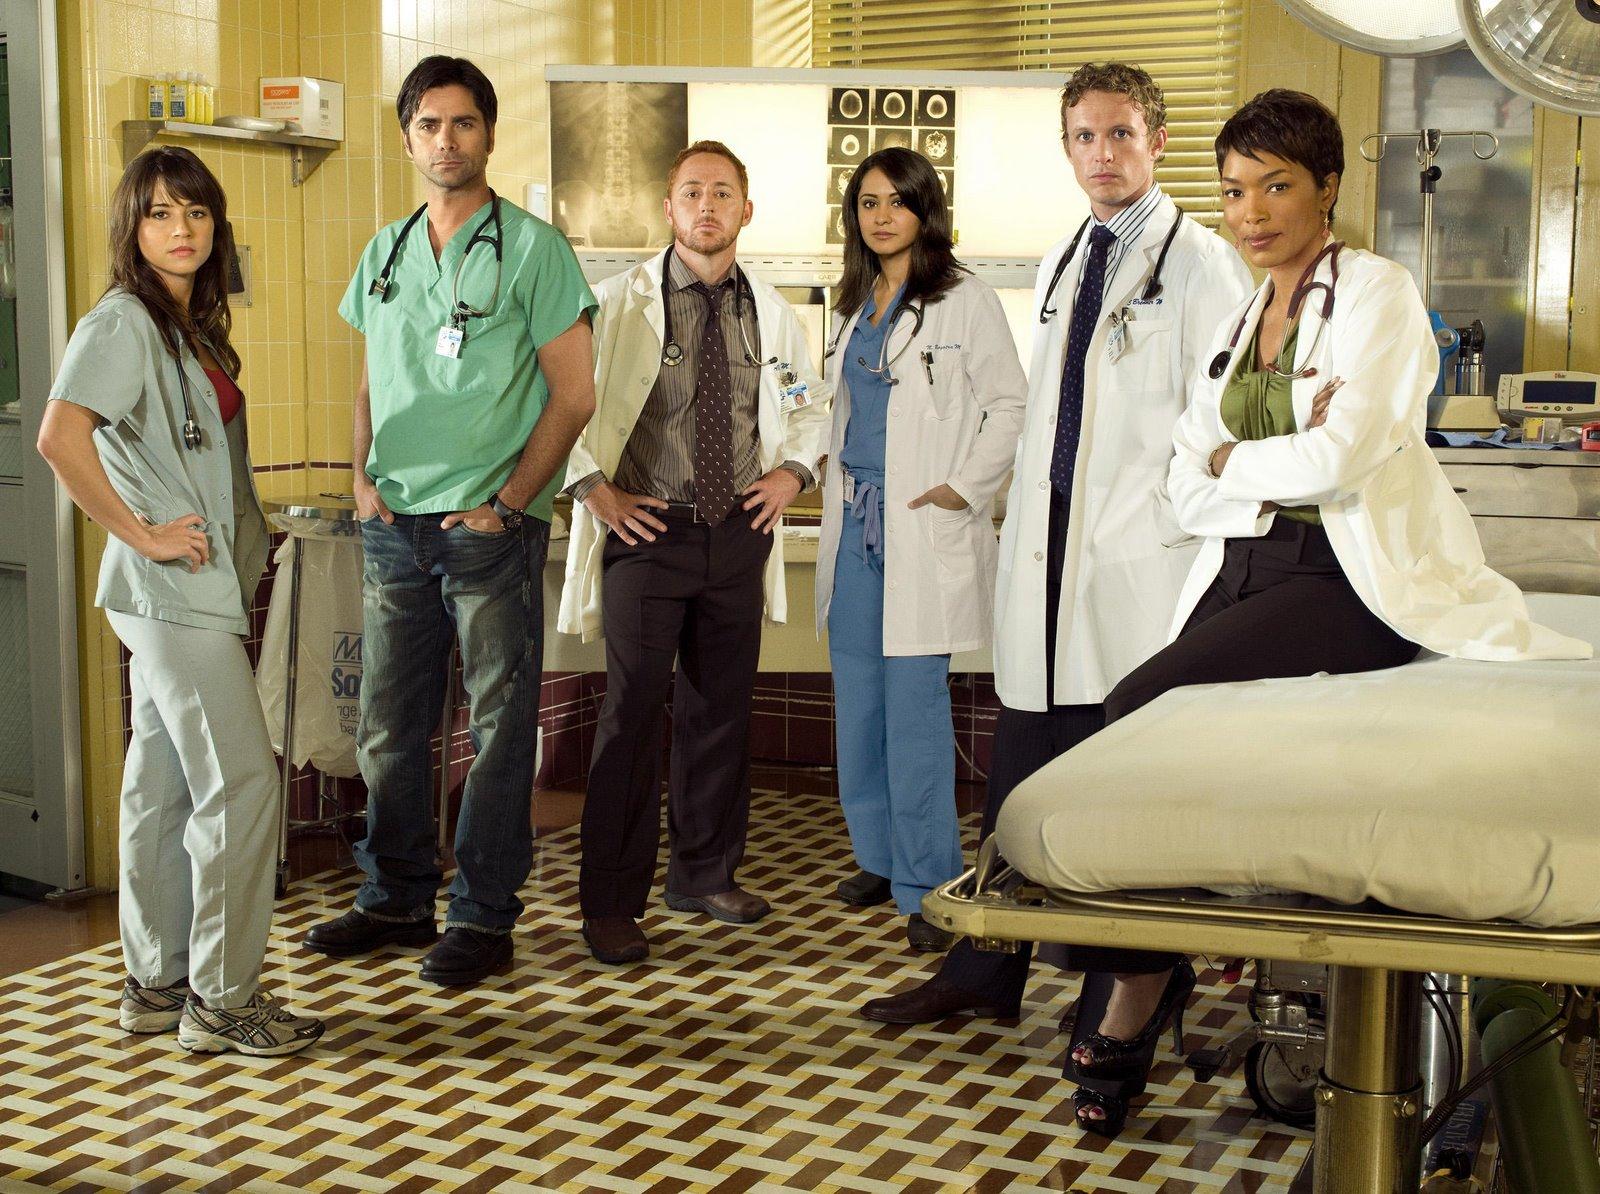 ER-2009-Cast-Photo--NBC-741936